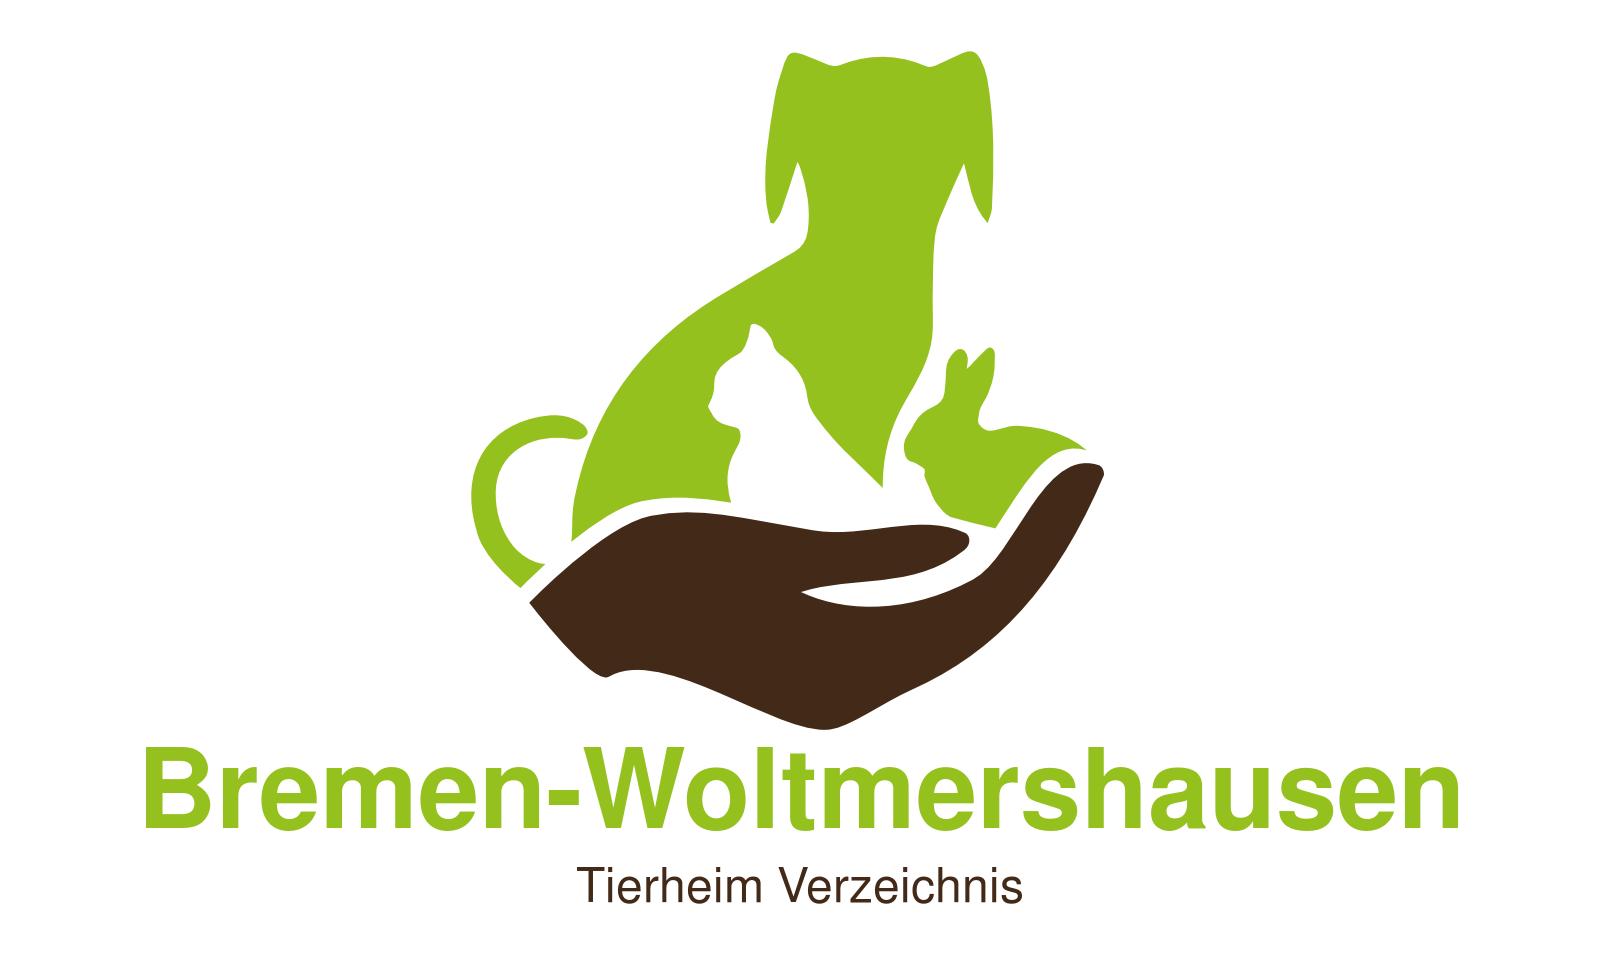 Tierheim Bremen Woltmershausen